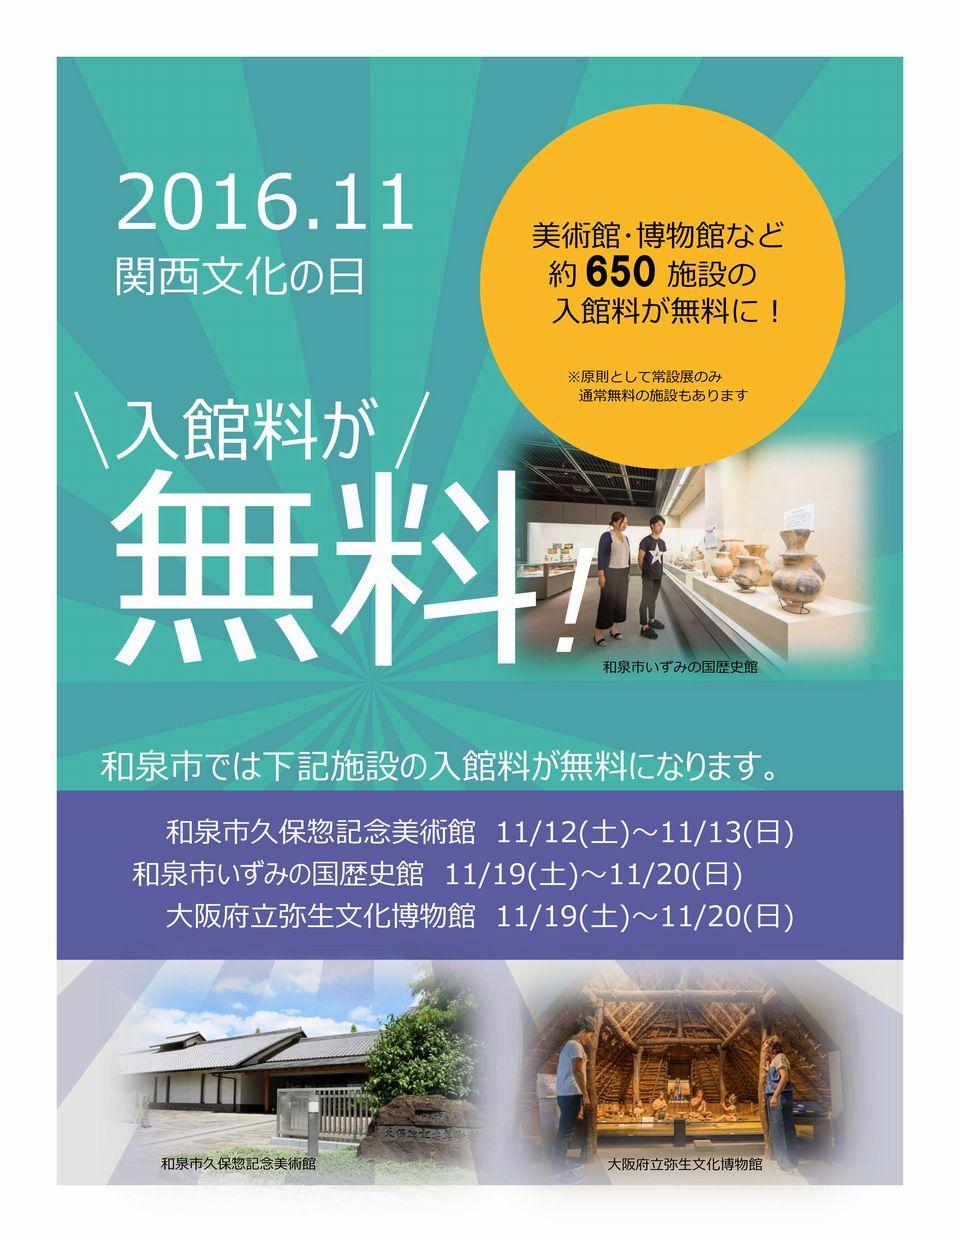 関西文化の日2016ポスター_01